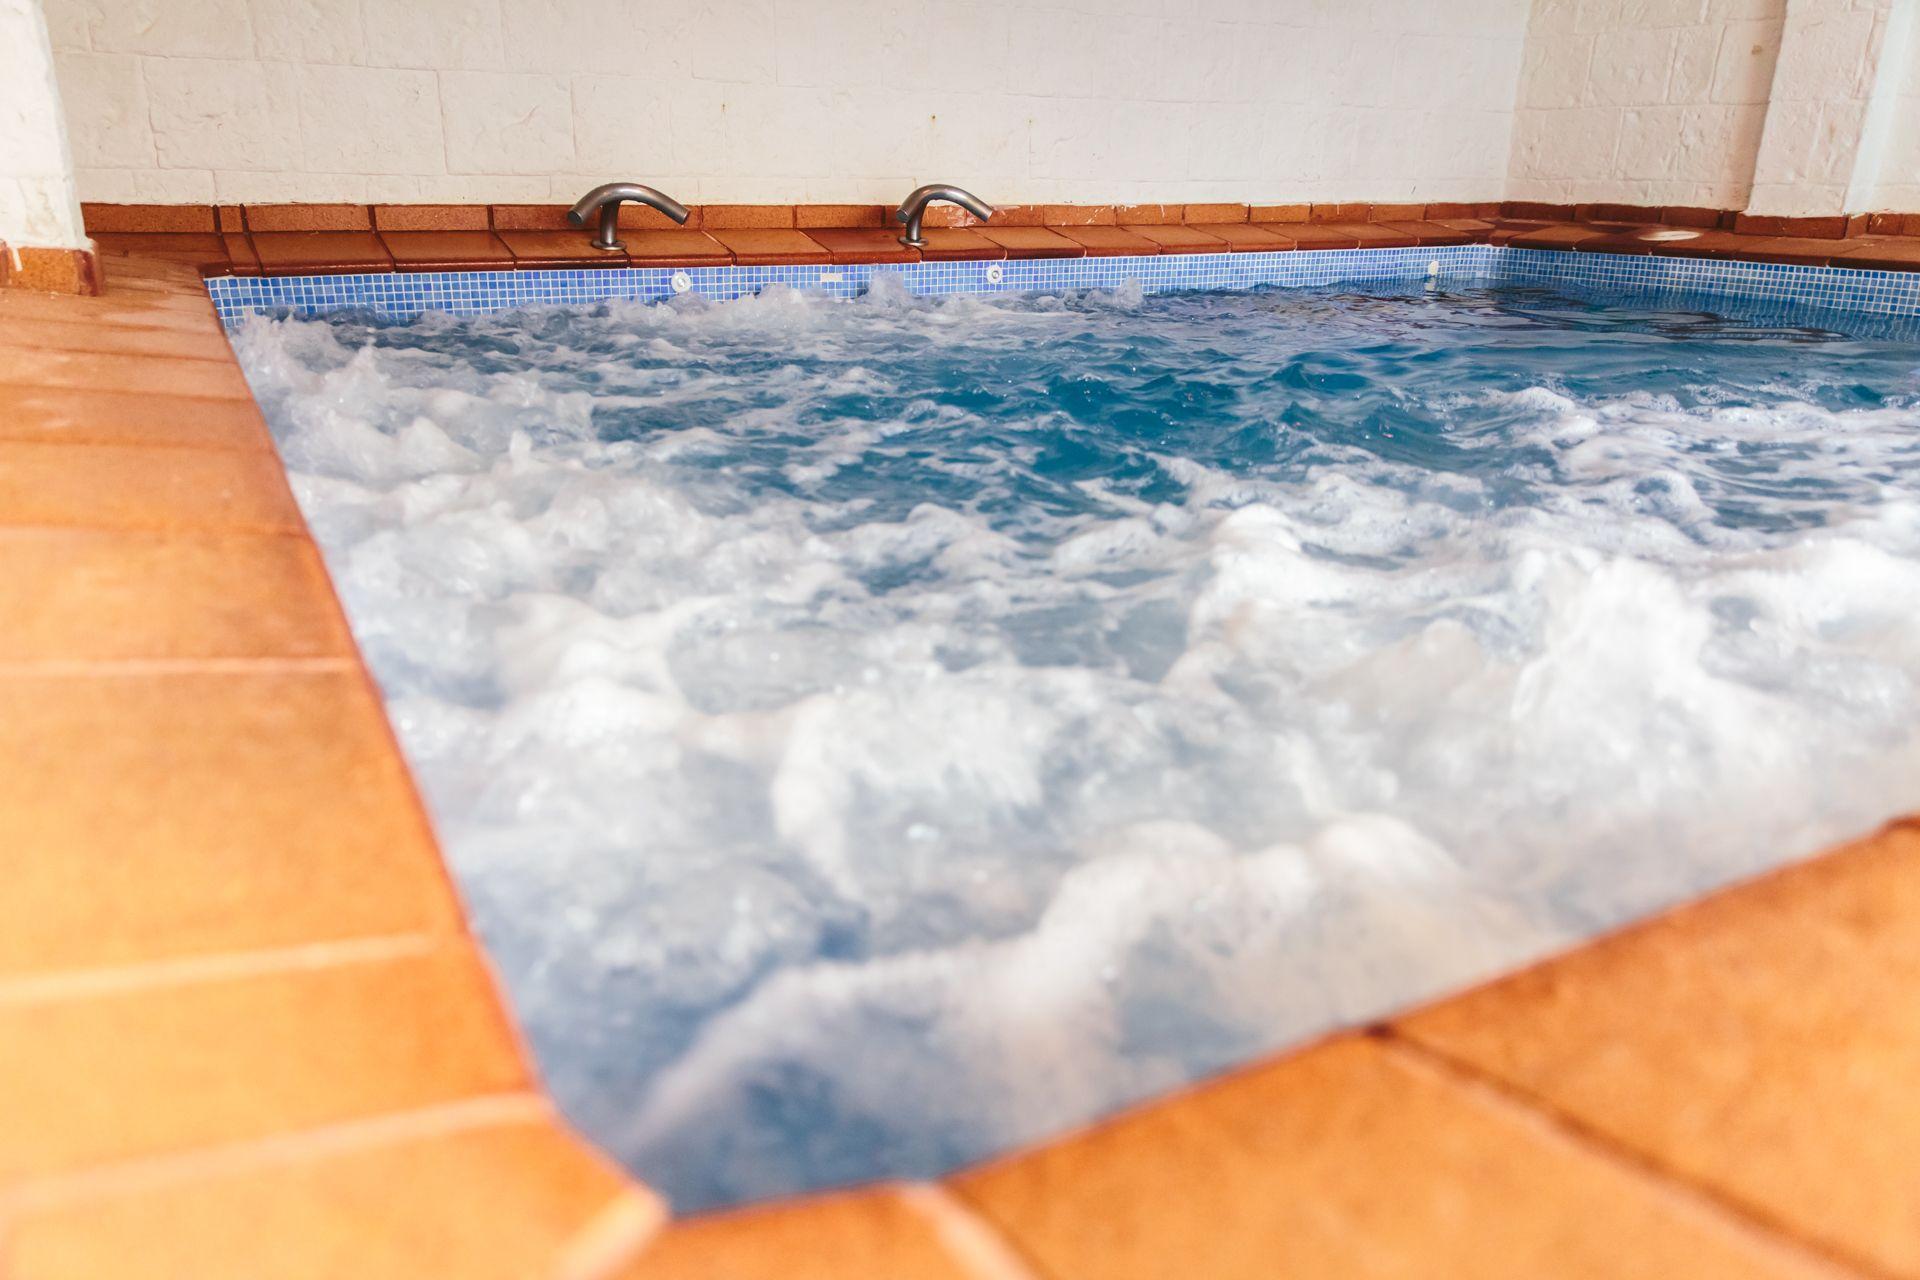 piscina-municipal-alicante-stadio-cabo-de-las-huertas-condomina